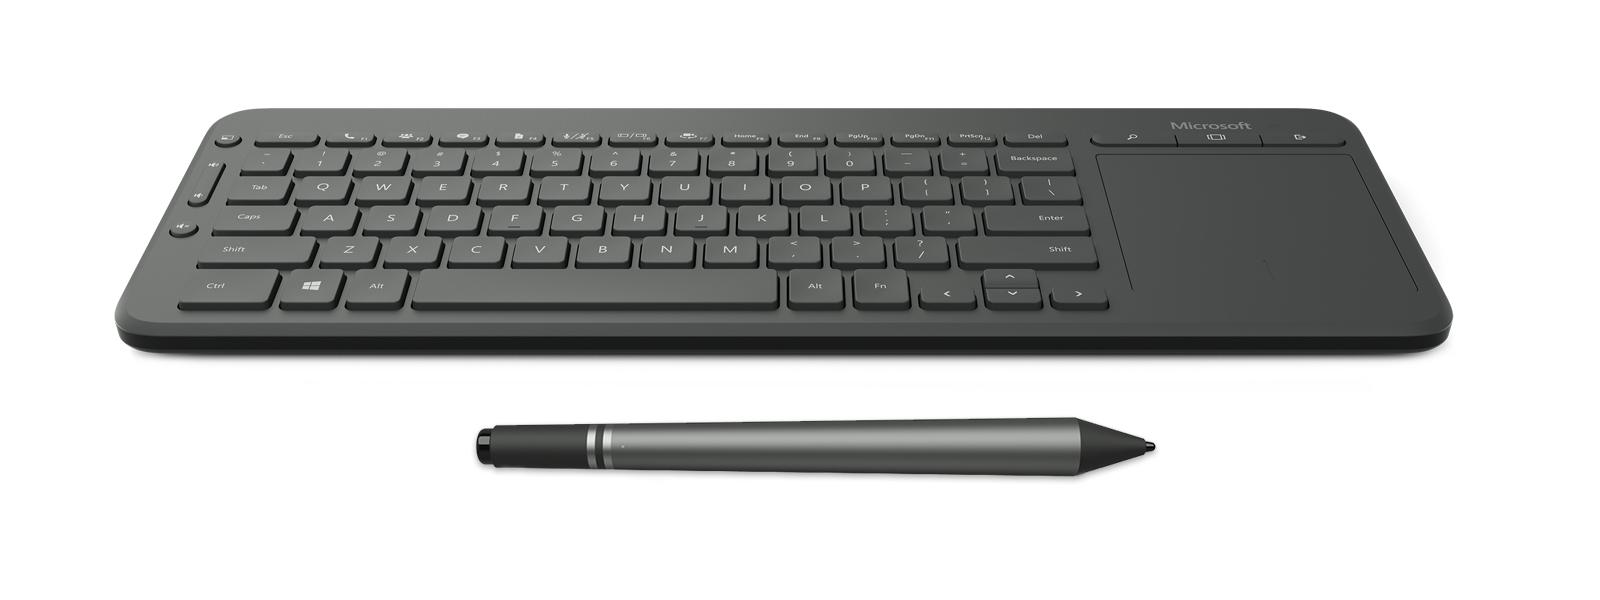 Keyboard och Penna som ingår i Surface Hub.